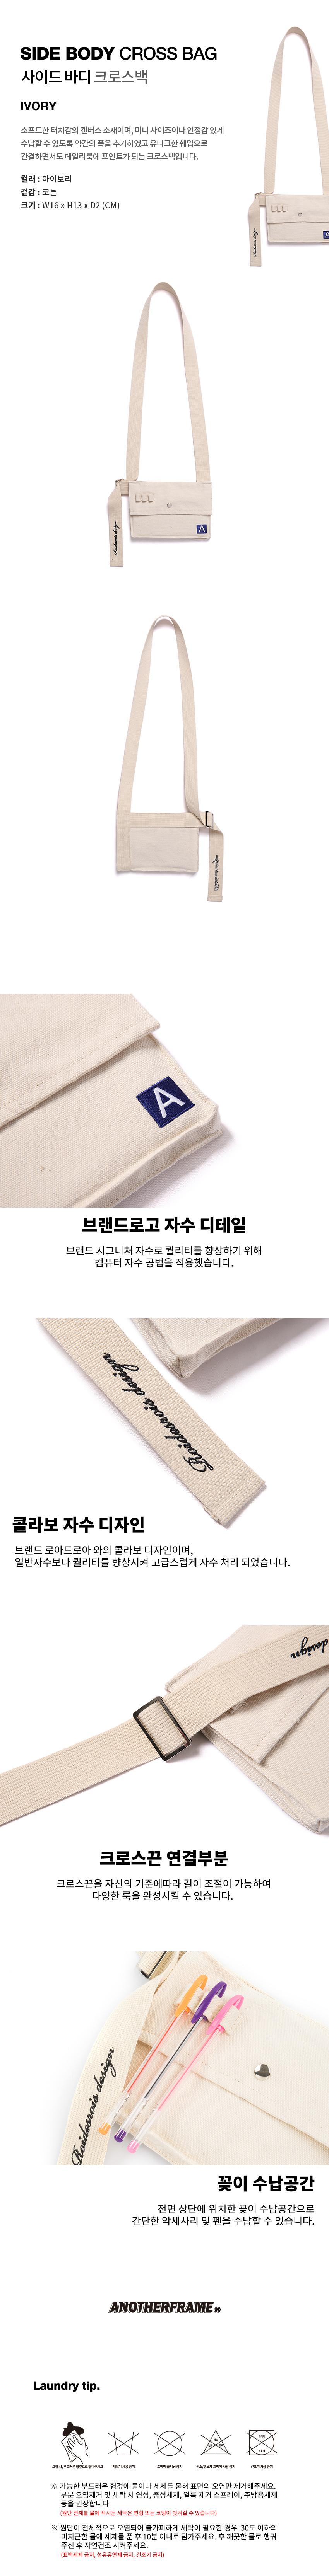 [어나더프레임X로아드로아] SIDE BODY CROSS BAG (IVORY)